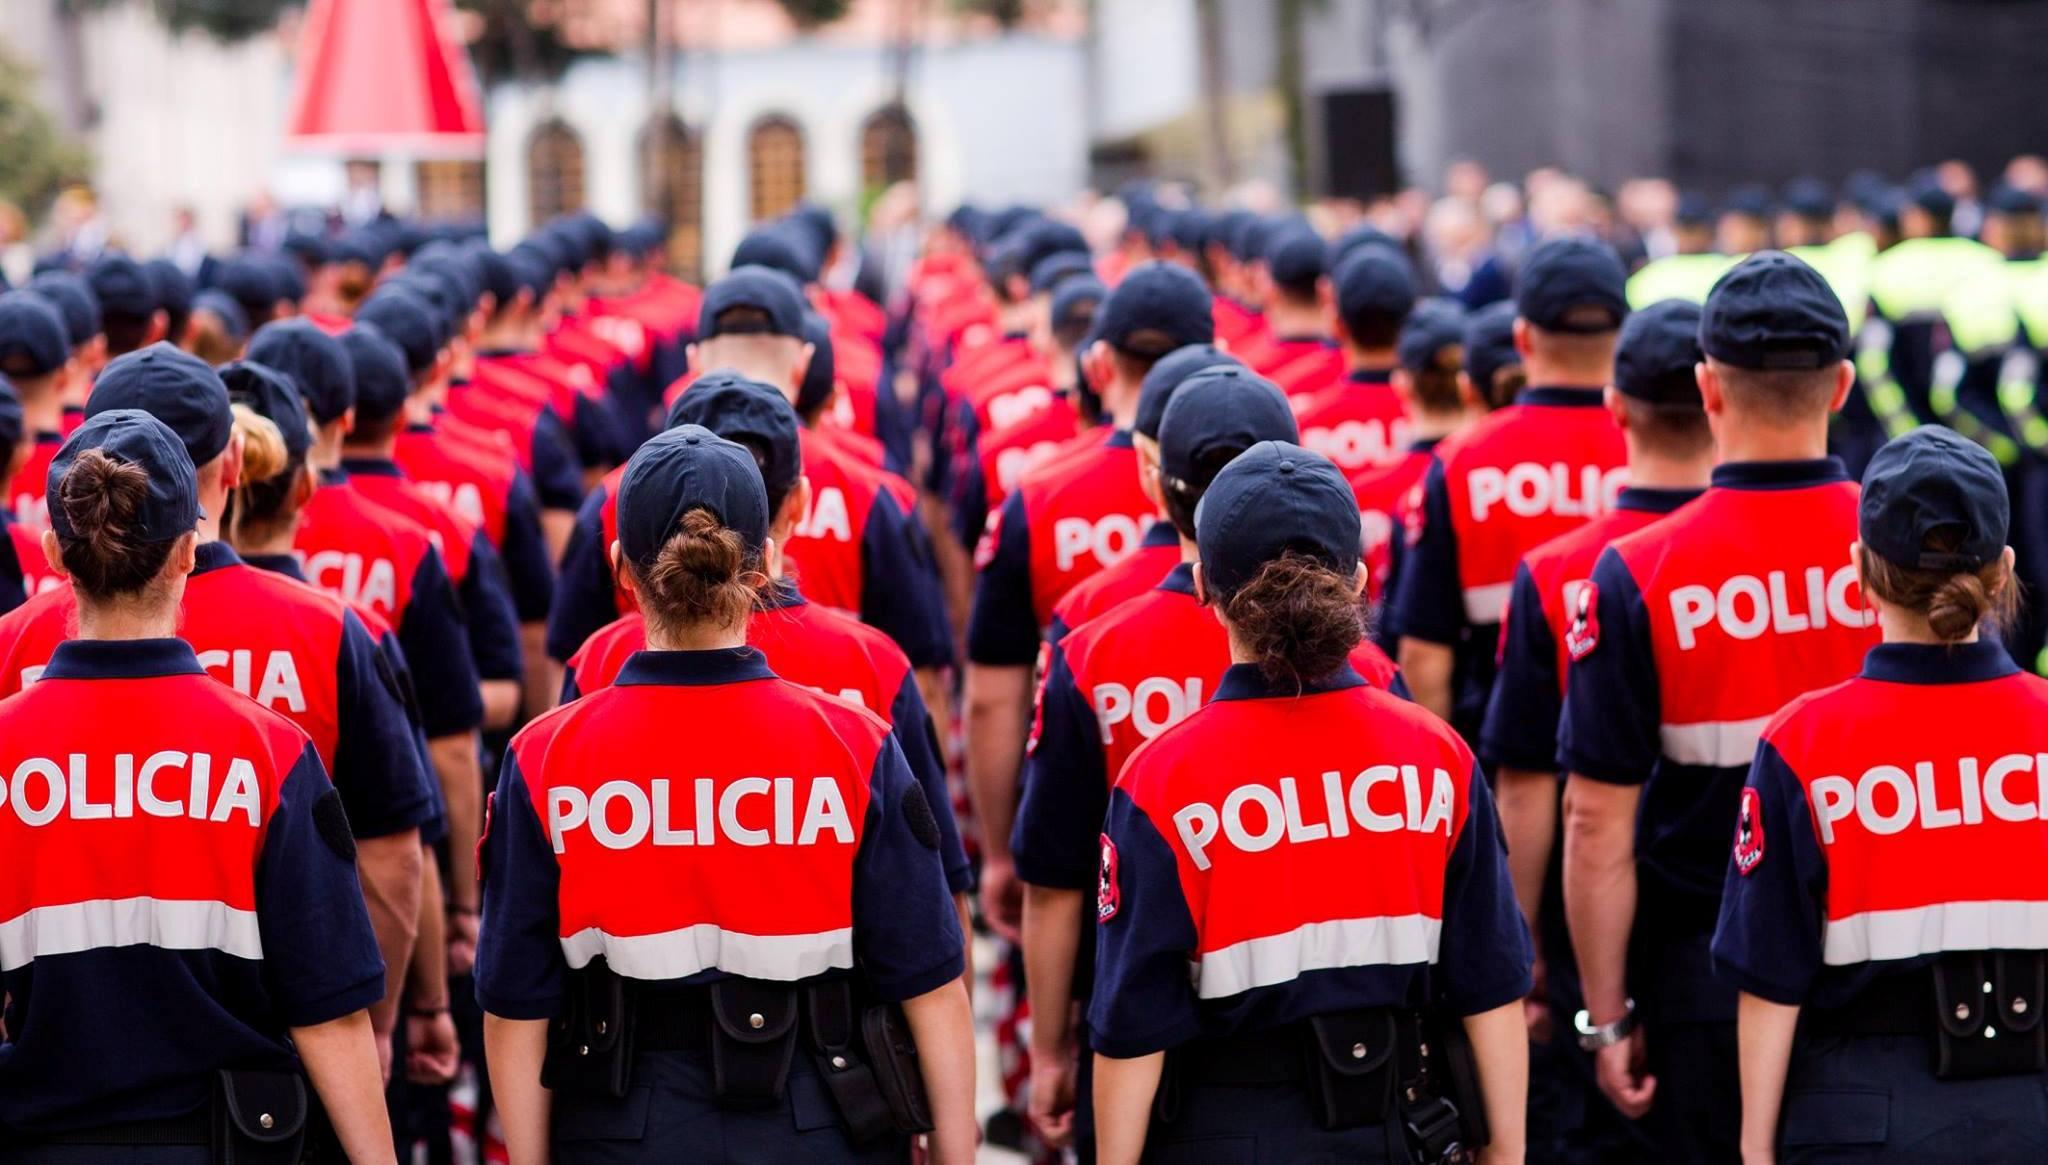 A do të funksionojë Vetingu në Polici?